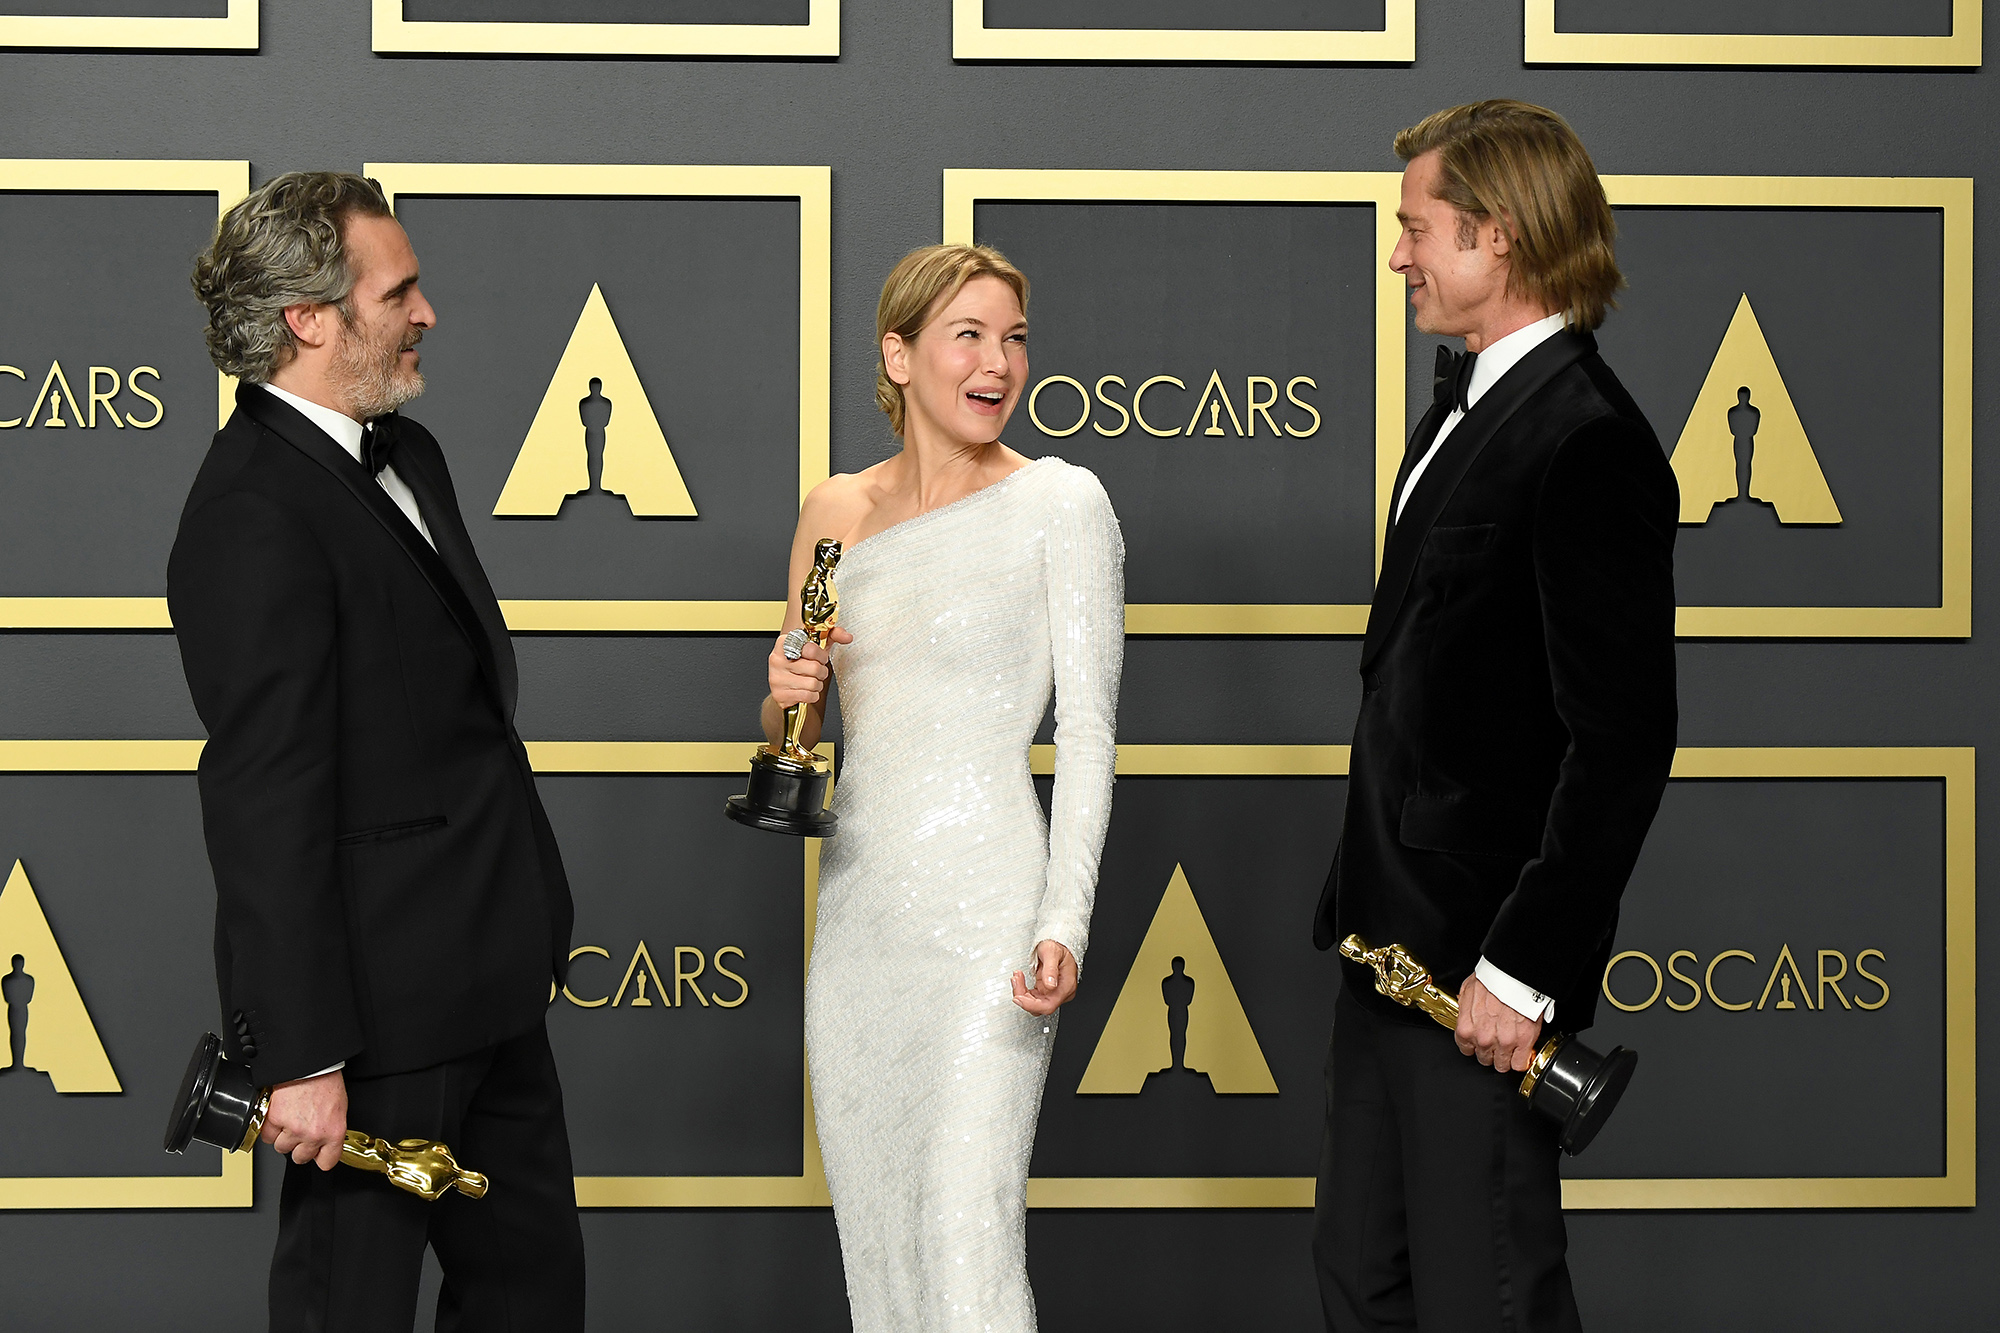 Хоакин Феникс (лучший актер), Рене Зеллвегер (лучшая актриса) иБрэд Питт (лучший актер второго плана)